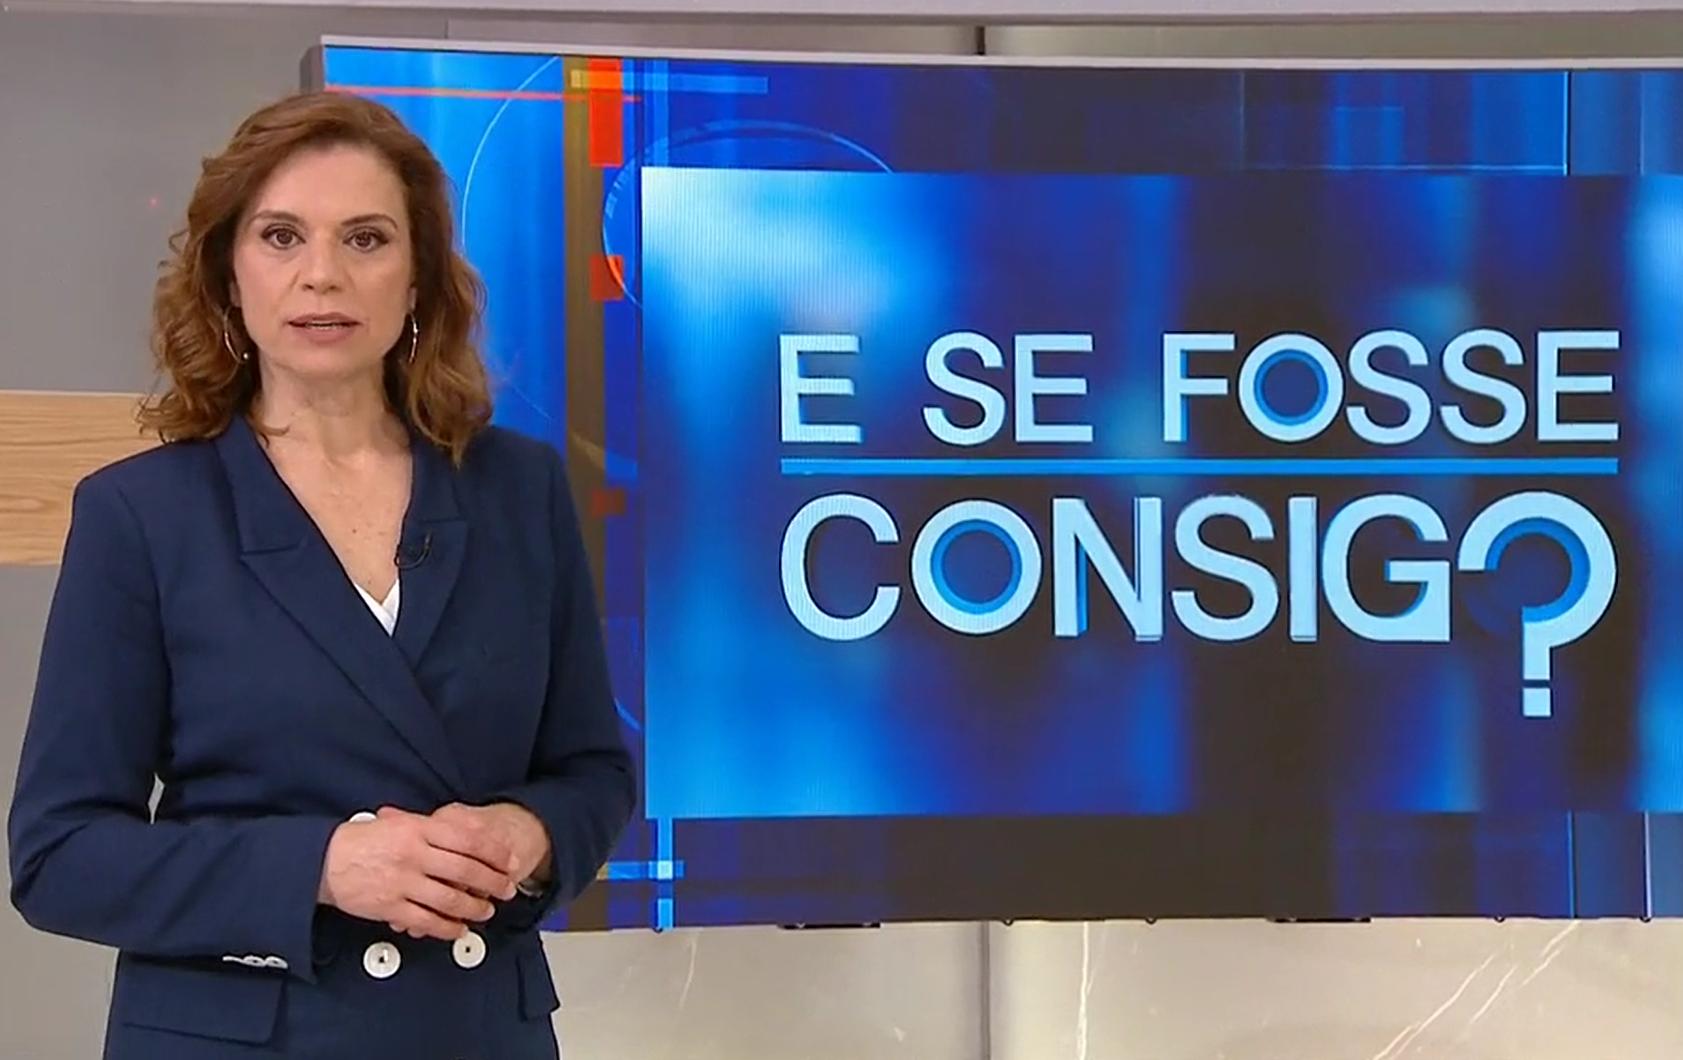 Terceira temporada de «E Se Fosse Consigo?» ganha data de estreia